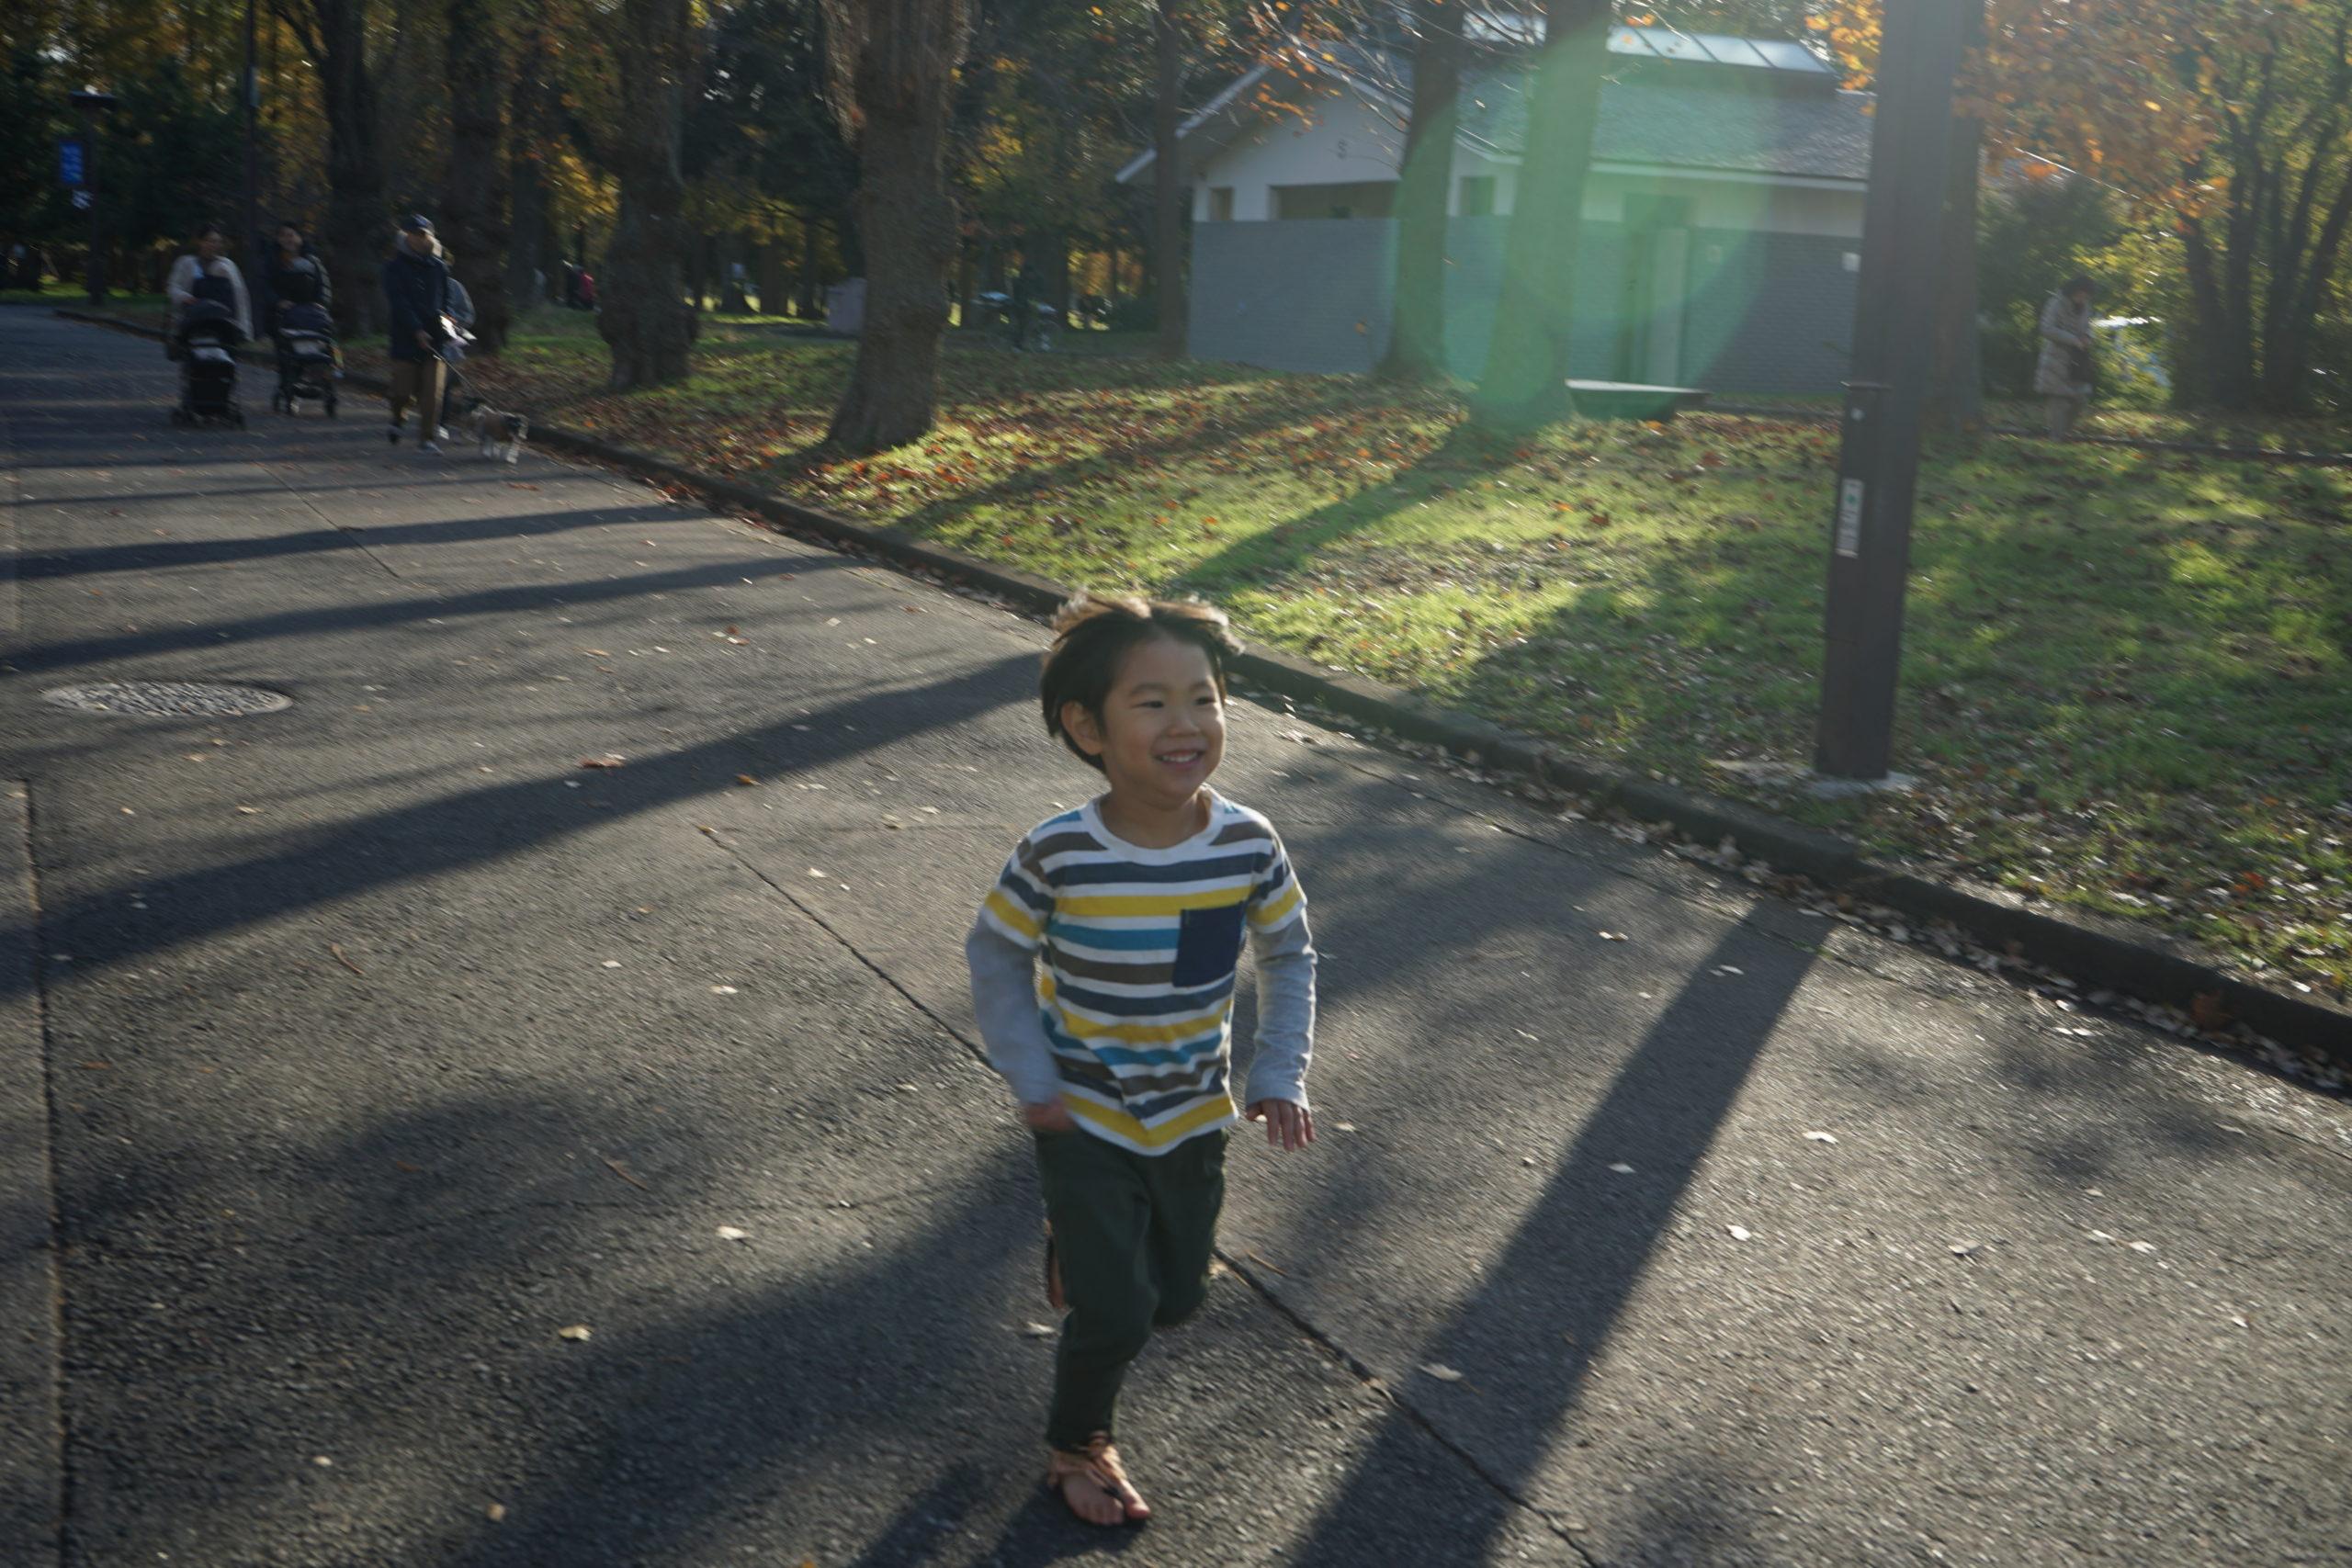 ワラーチで走る子供